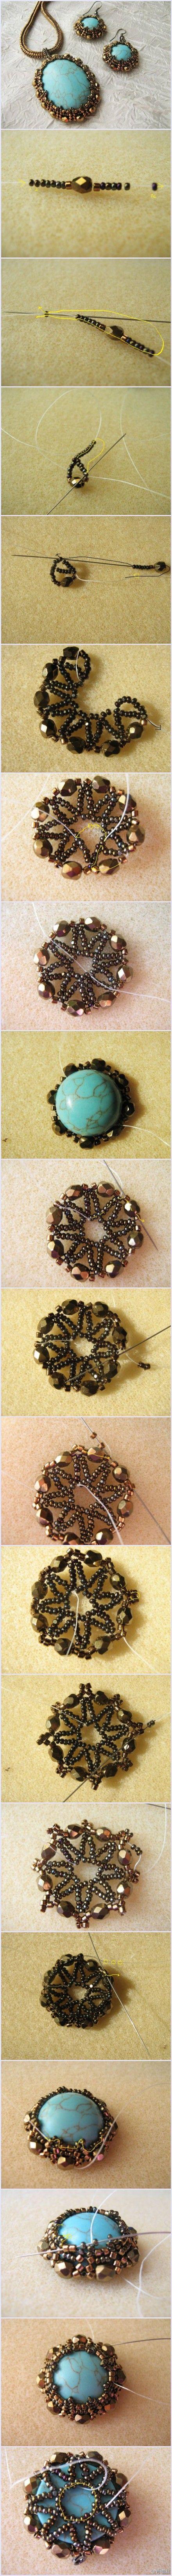 #弧面编织#教你们用另一种方法包裹宝石,不同于珠宝刺绣那么麻烦,嗯…这其实才是平时用到得方法撒~你甚至可以不用包底!都是中间一圈,上下一围。有厚度的宝石最适合这样来镶嵌了~不需要焊接,就和绕线一样,完全用手来进行的工艺。